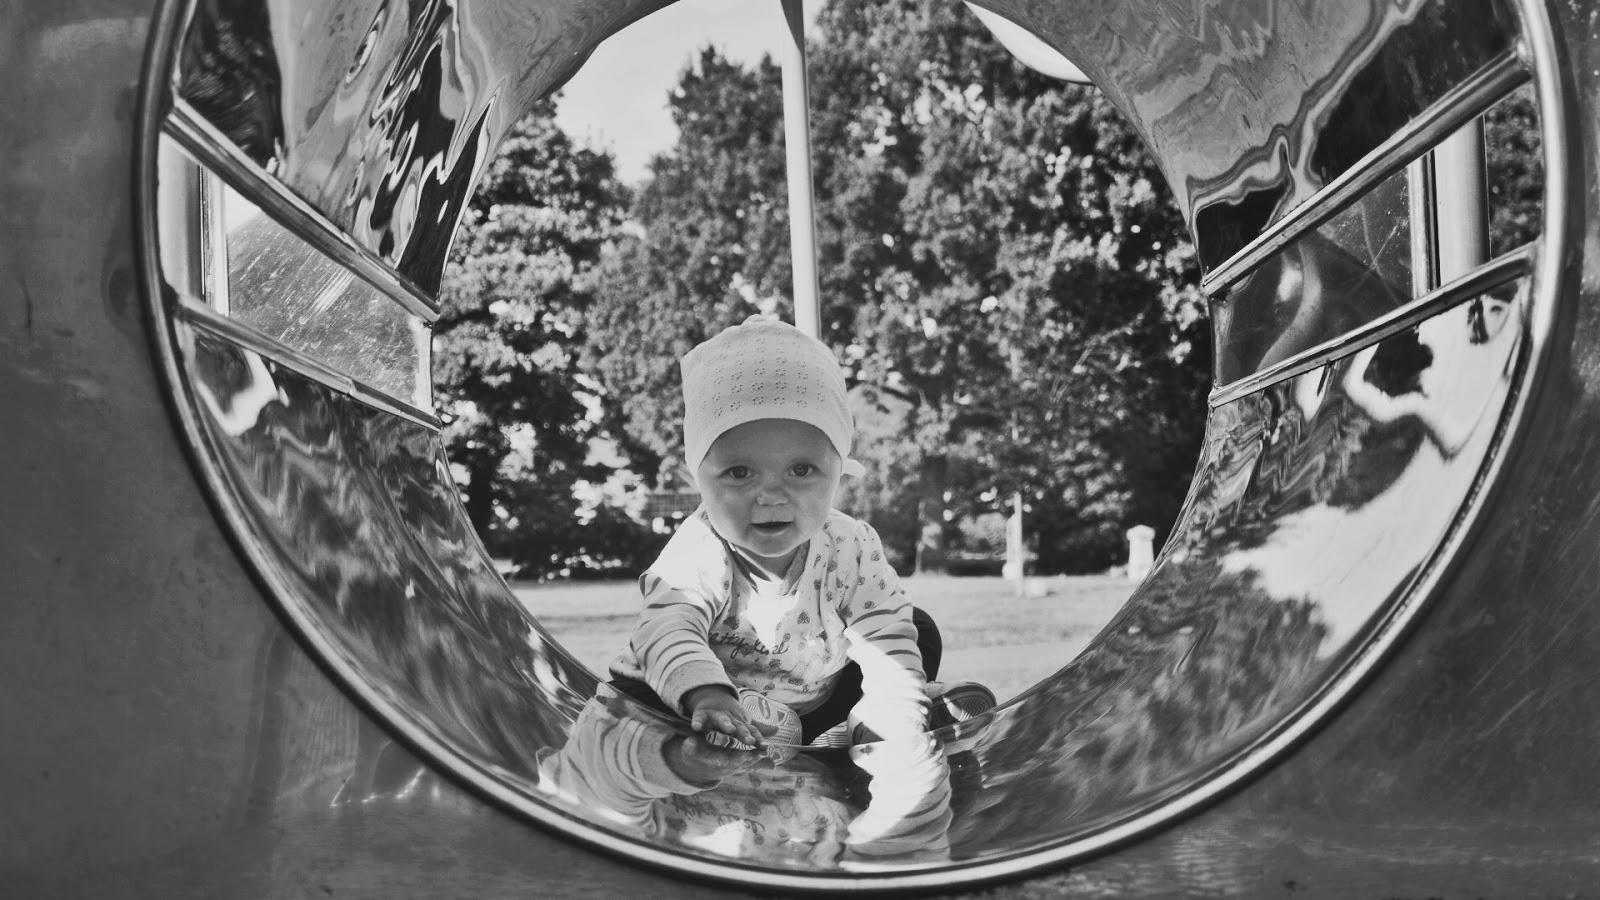 10 miesięcy, plac zabaw, fajne zdjęcia